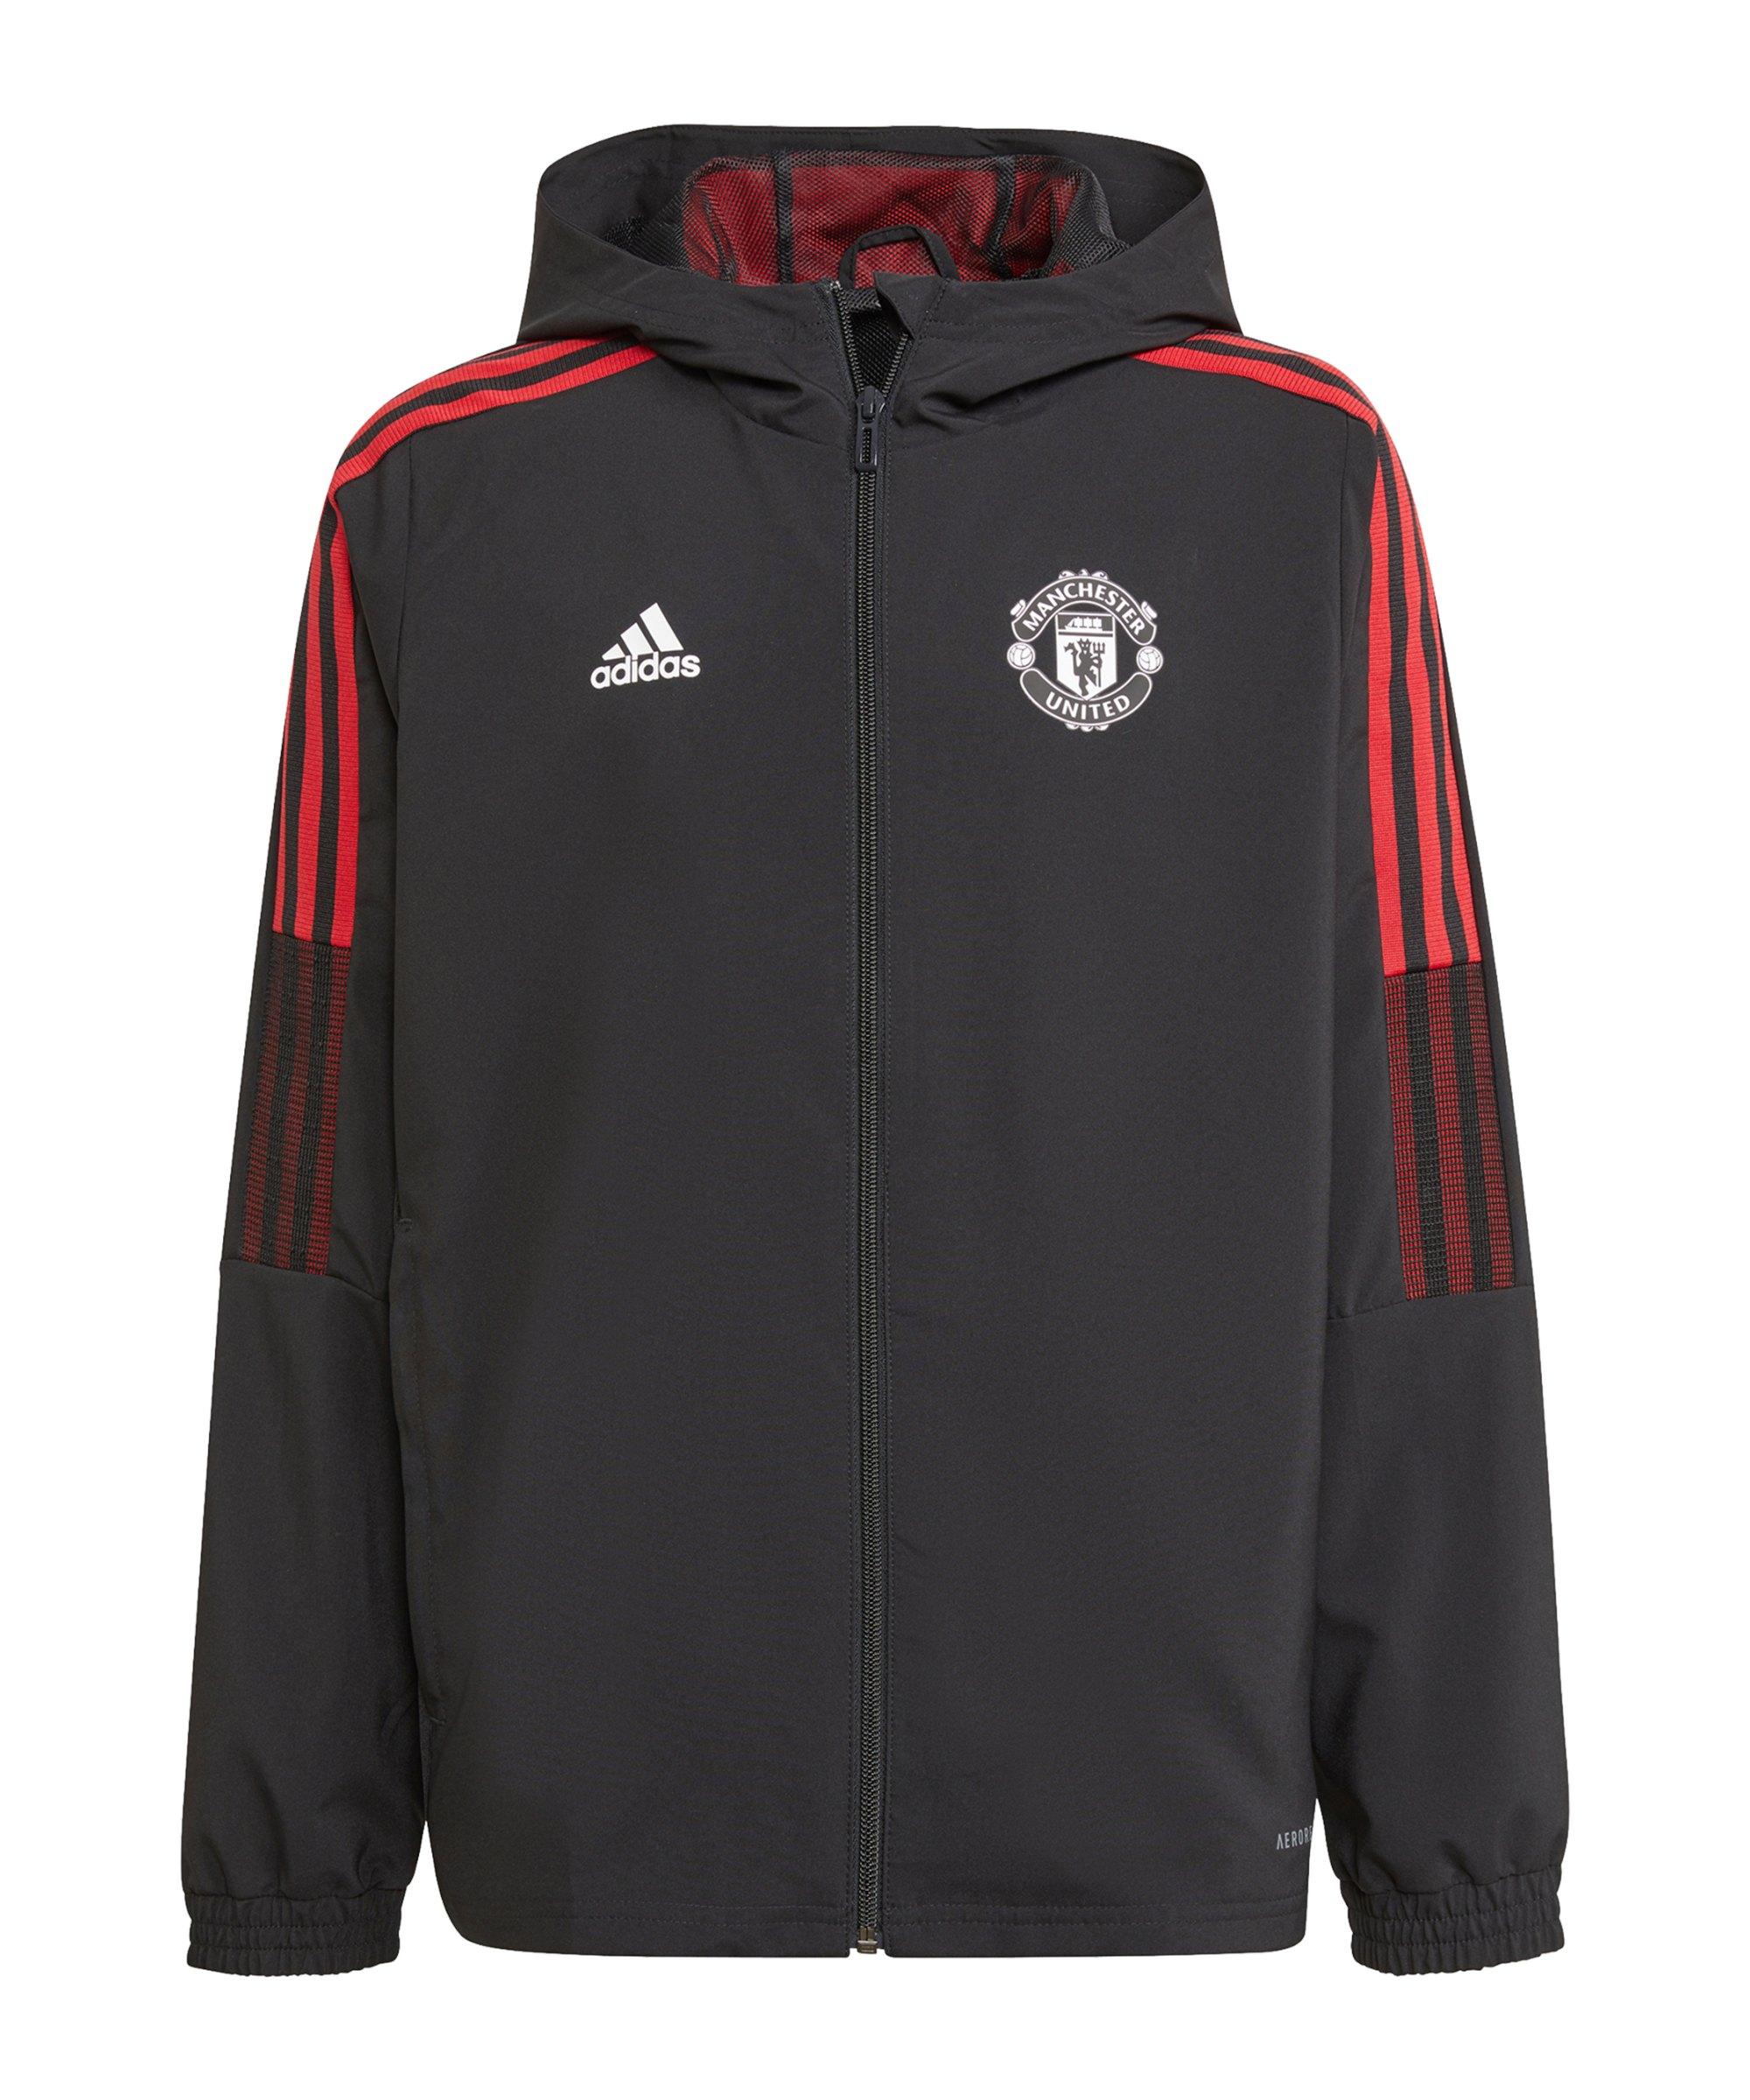 adidas Manchester United Prematch Jacke Kids Schwarz - schwarz